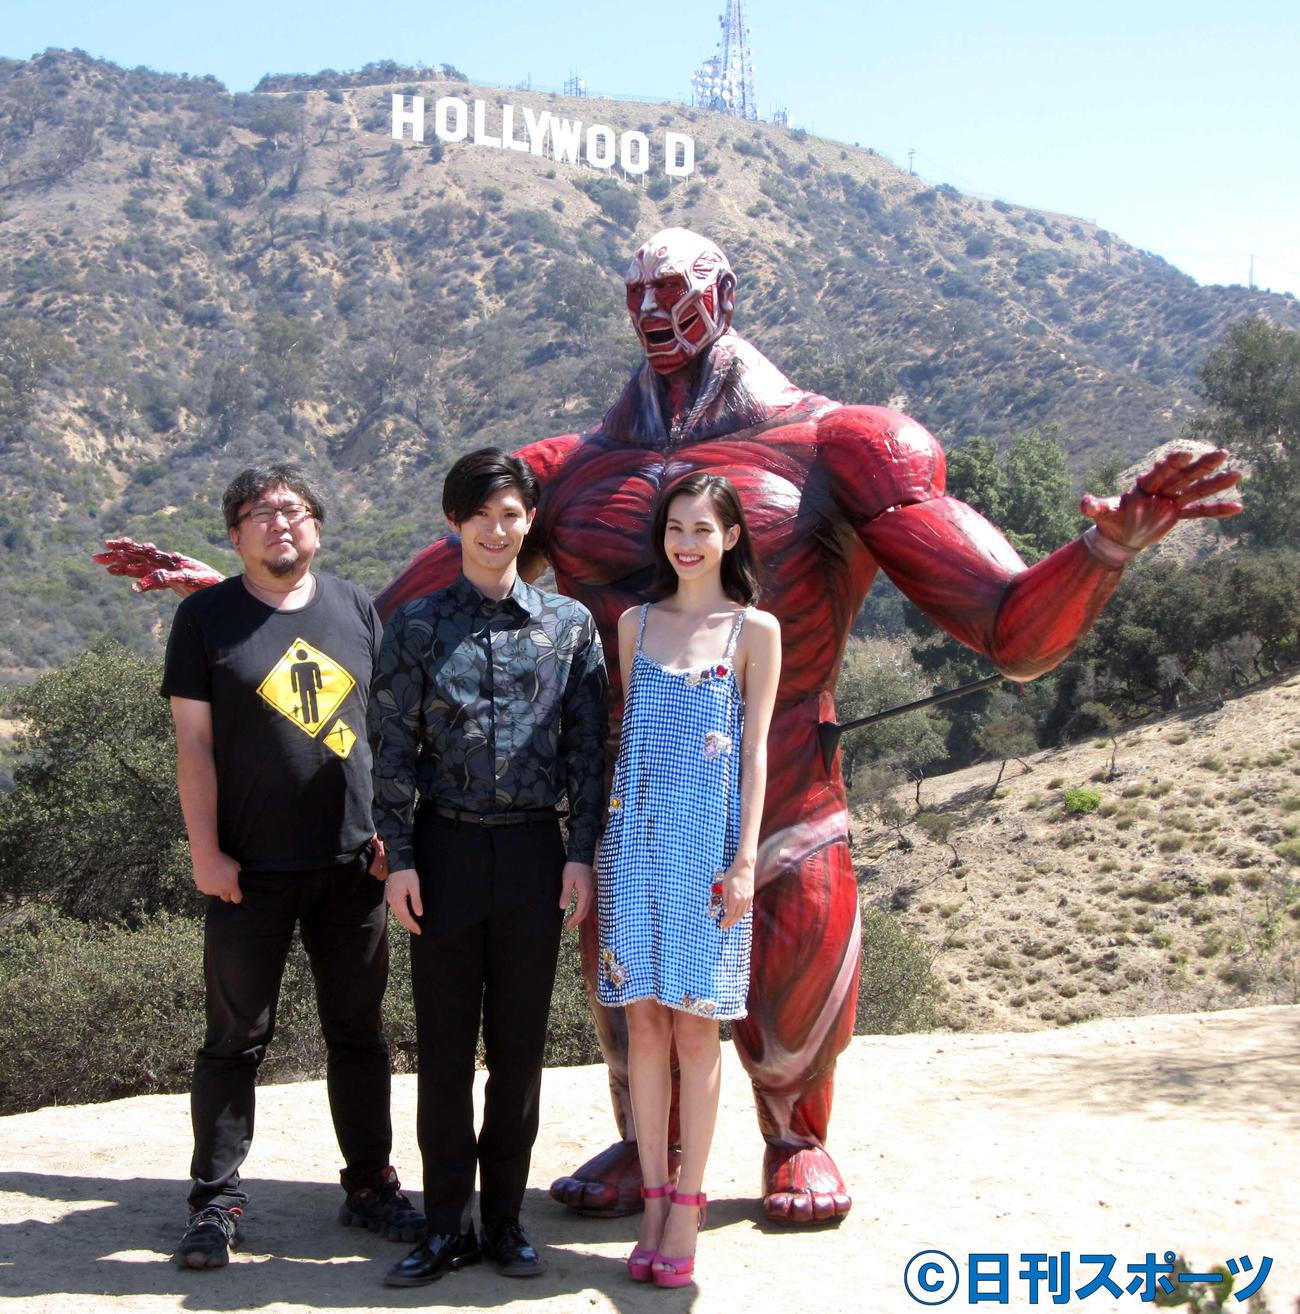 映画「進撃の巨人」ワールドプレミア上映会 巨人とともに笑顔を見せる三浦春馬さん(中央)。左は樋口真嗣監督、右は水原希子(2015年7月14日撮影)